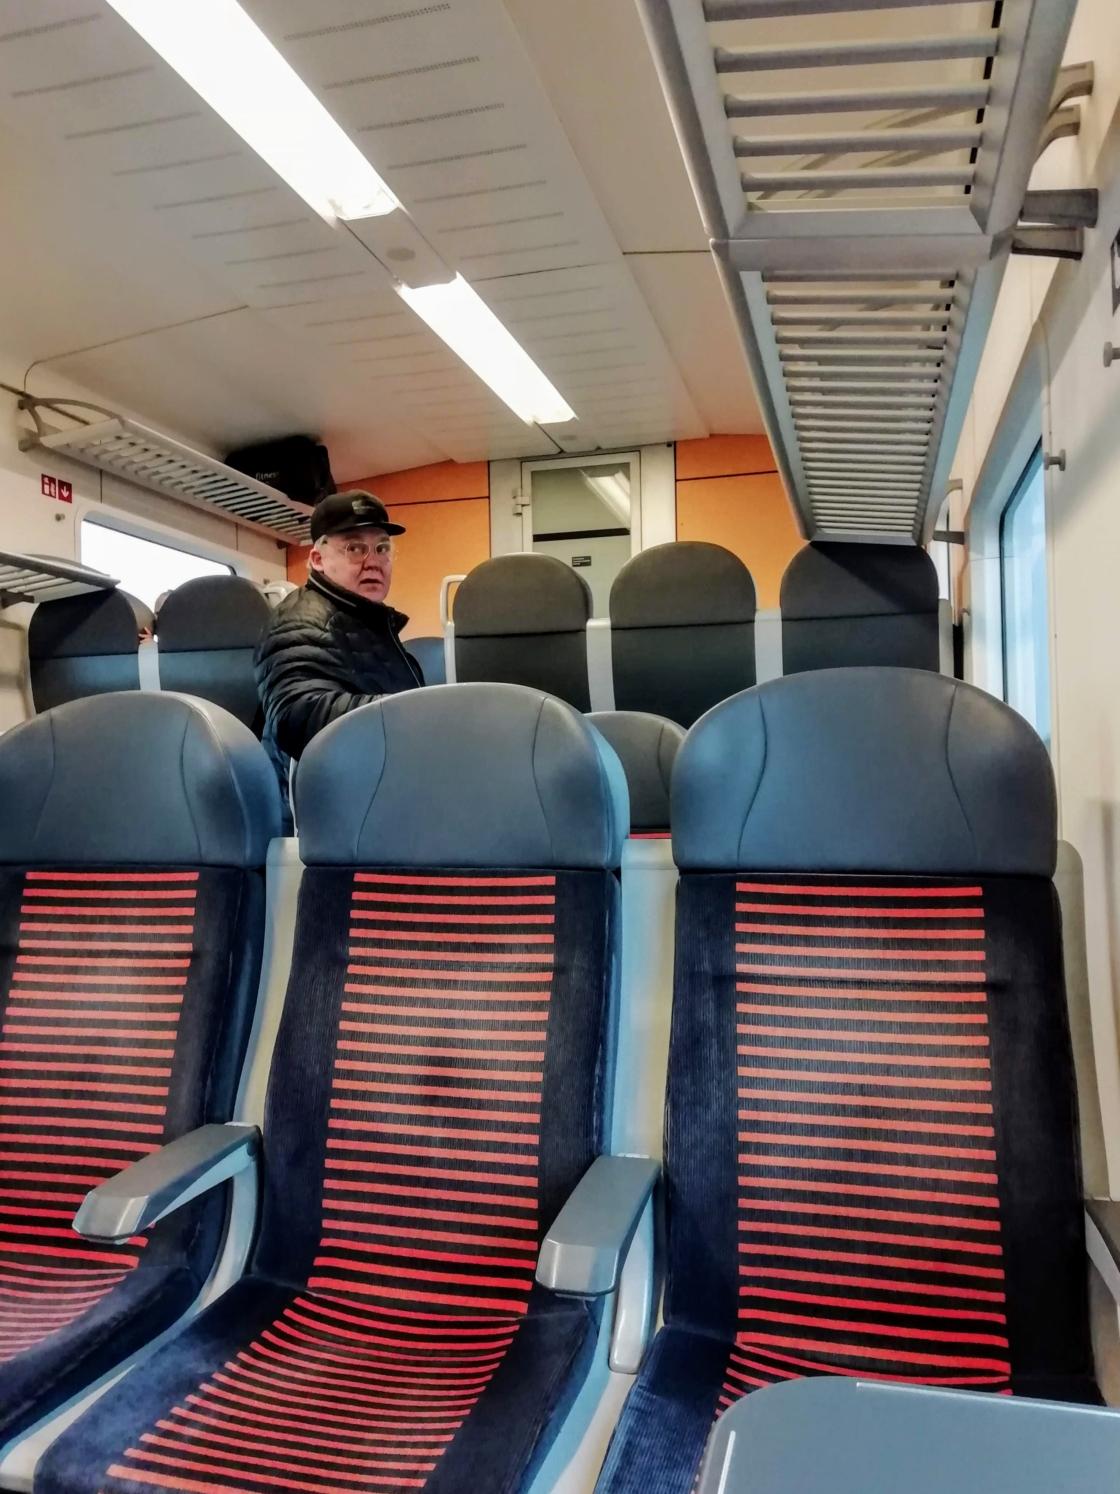 Töö kulgemine pooltühjades rongides